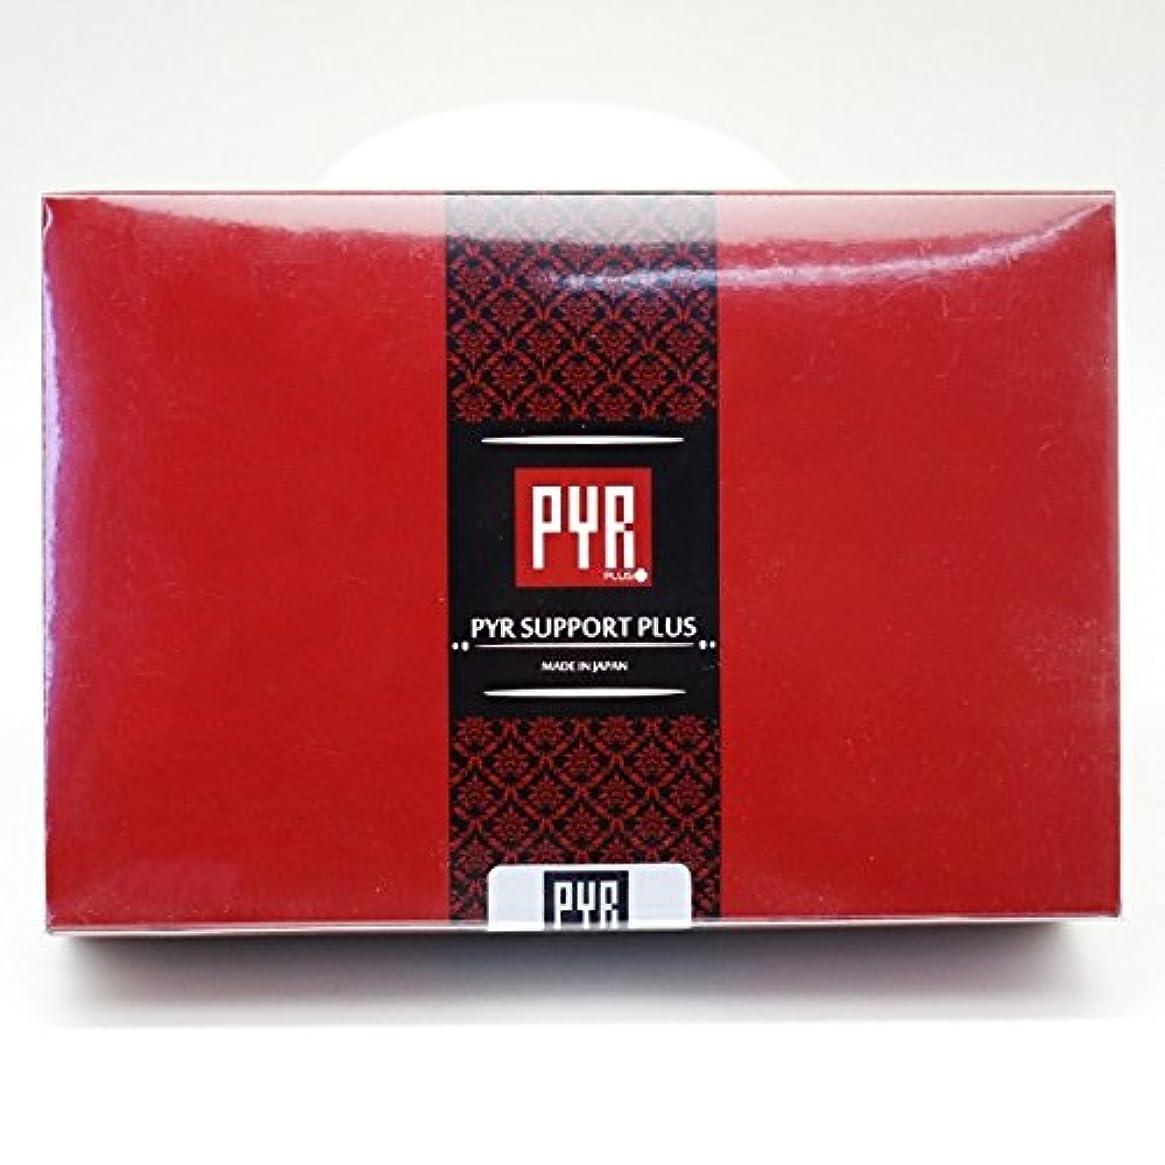 技術的な頭痛忠誠パイラ サポート (PYR SUPPORT) 300mL(5mL×60包)